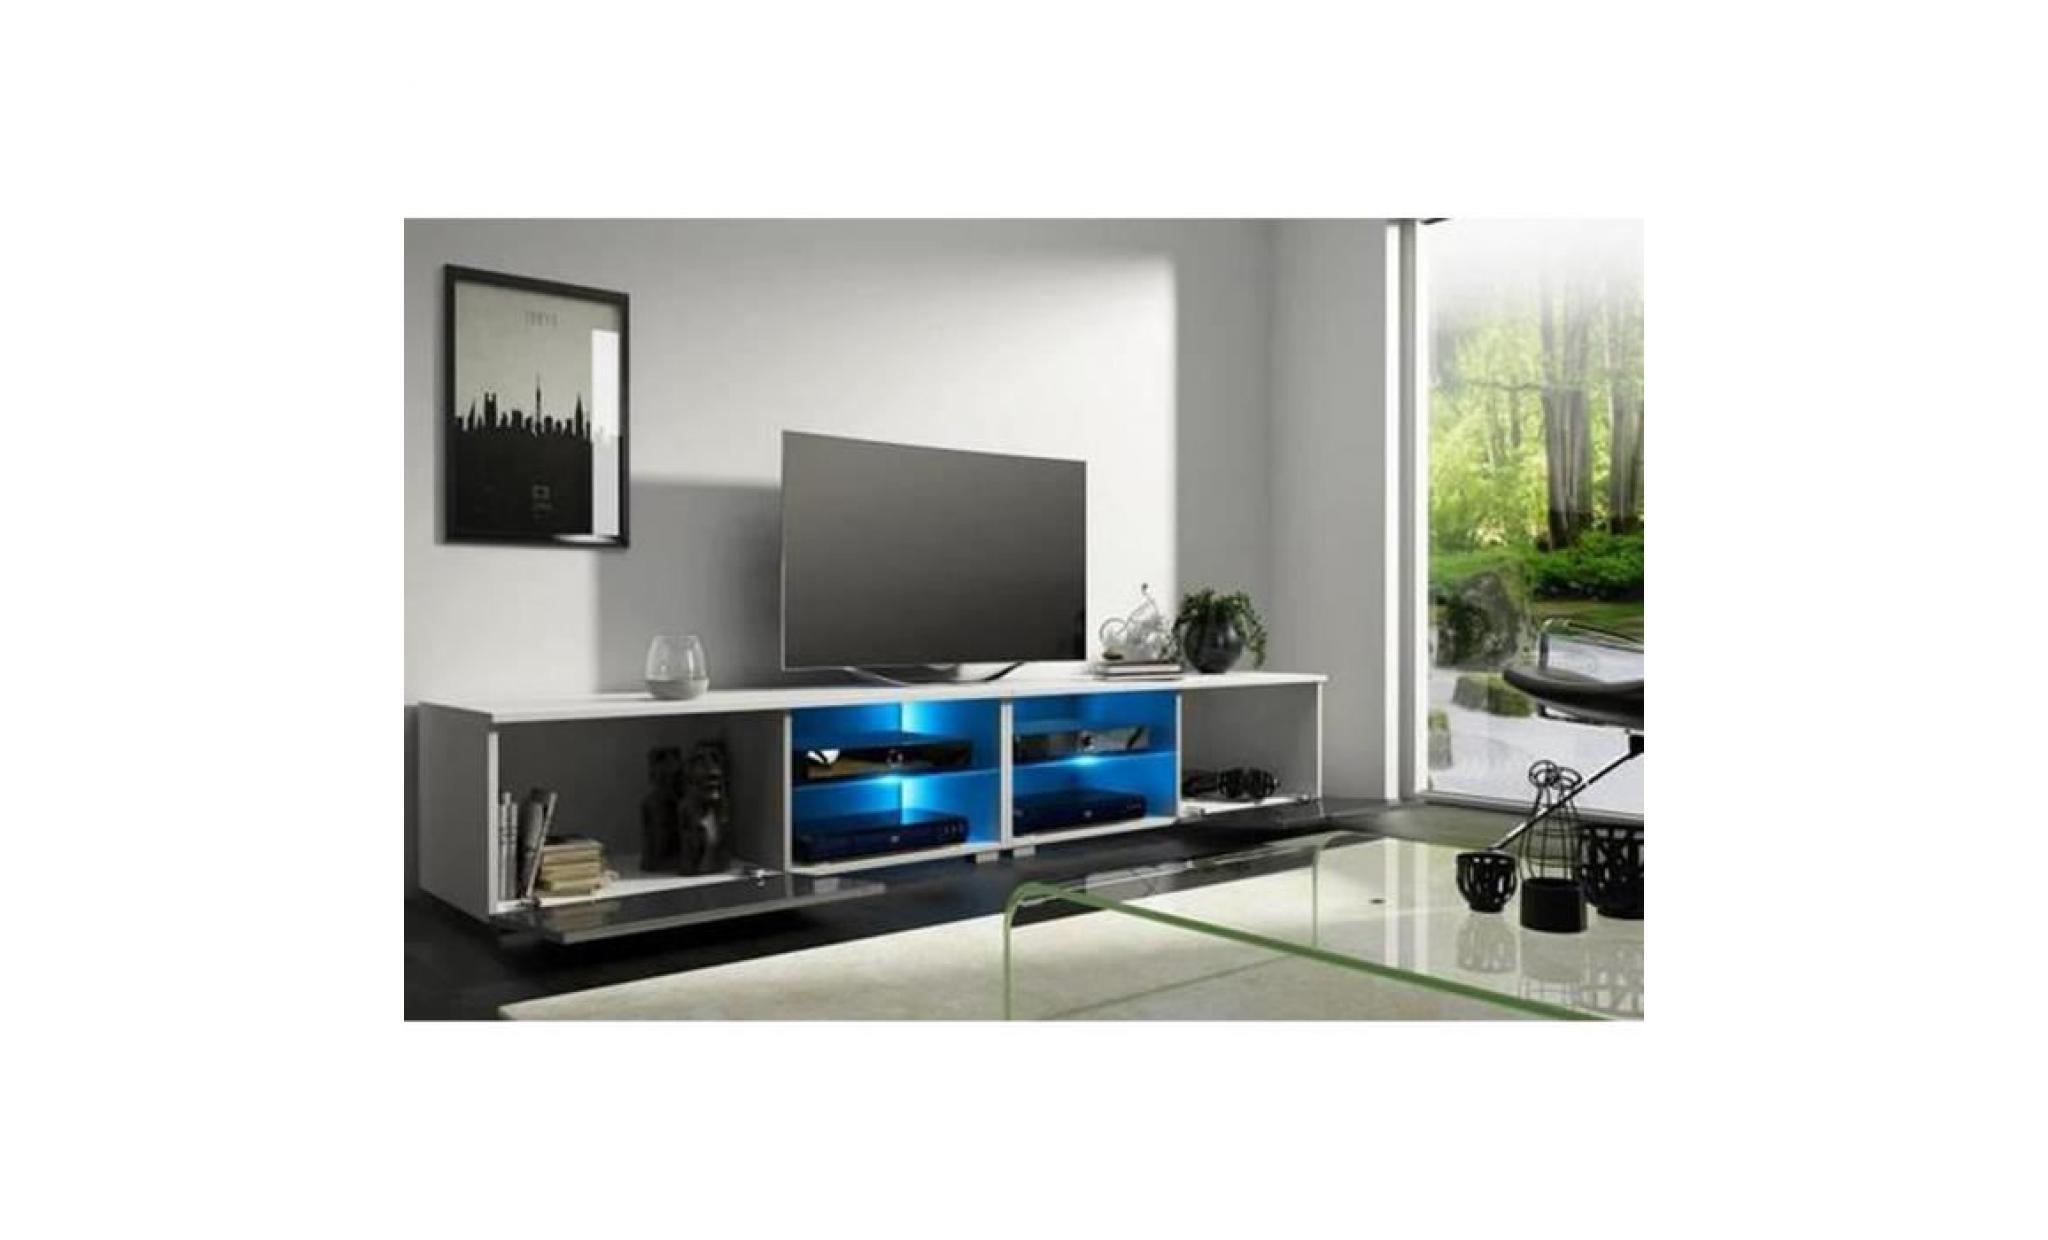 meuble tv design avec eclairage led coloris blanc noir brillant dim 100 x 40 x 36 cm achat vente meuble tv pas cher couleur et design fr